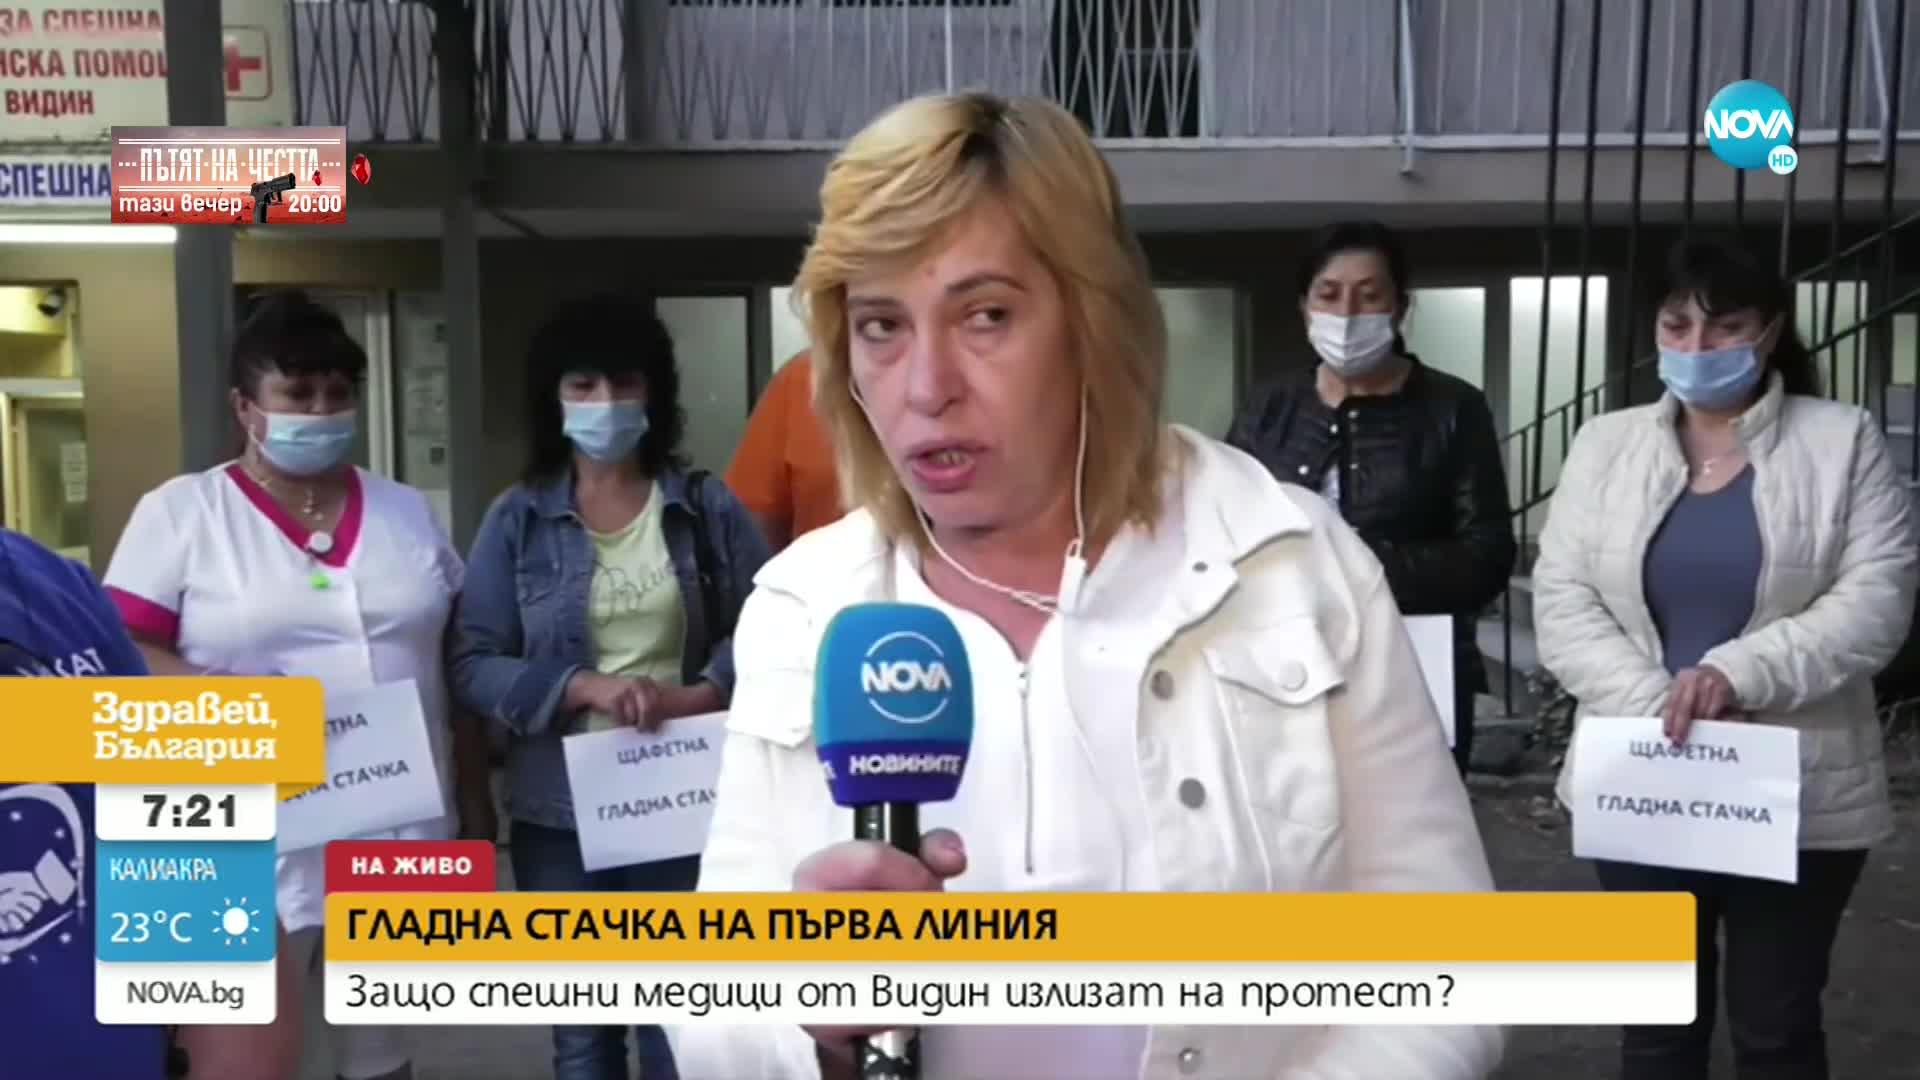 Спешни медици във Видин започват гладна стачка